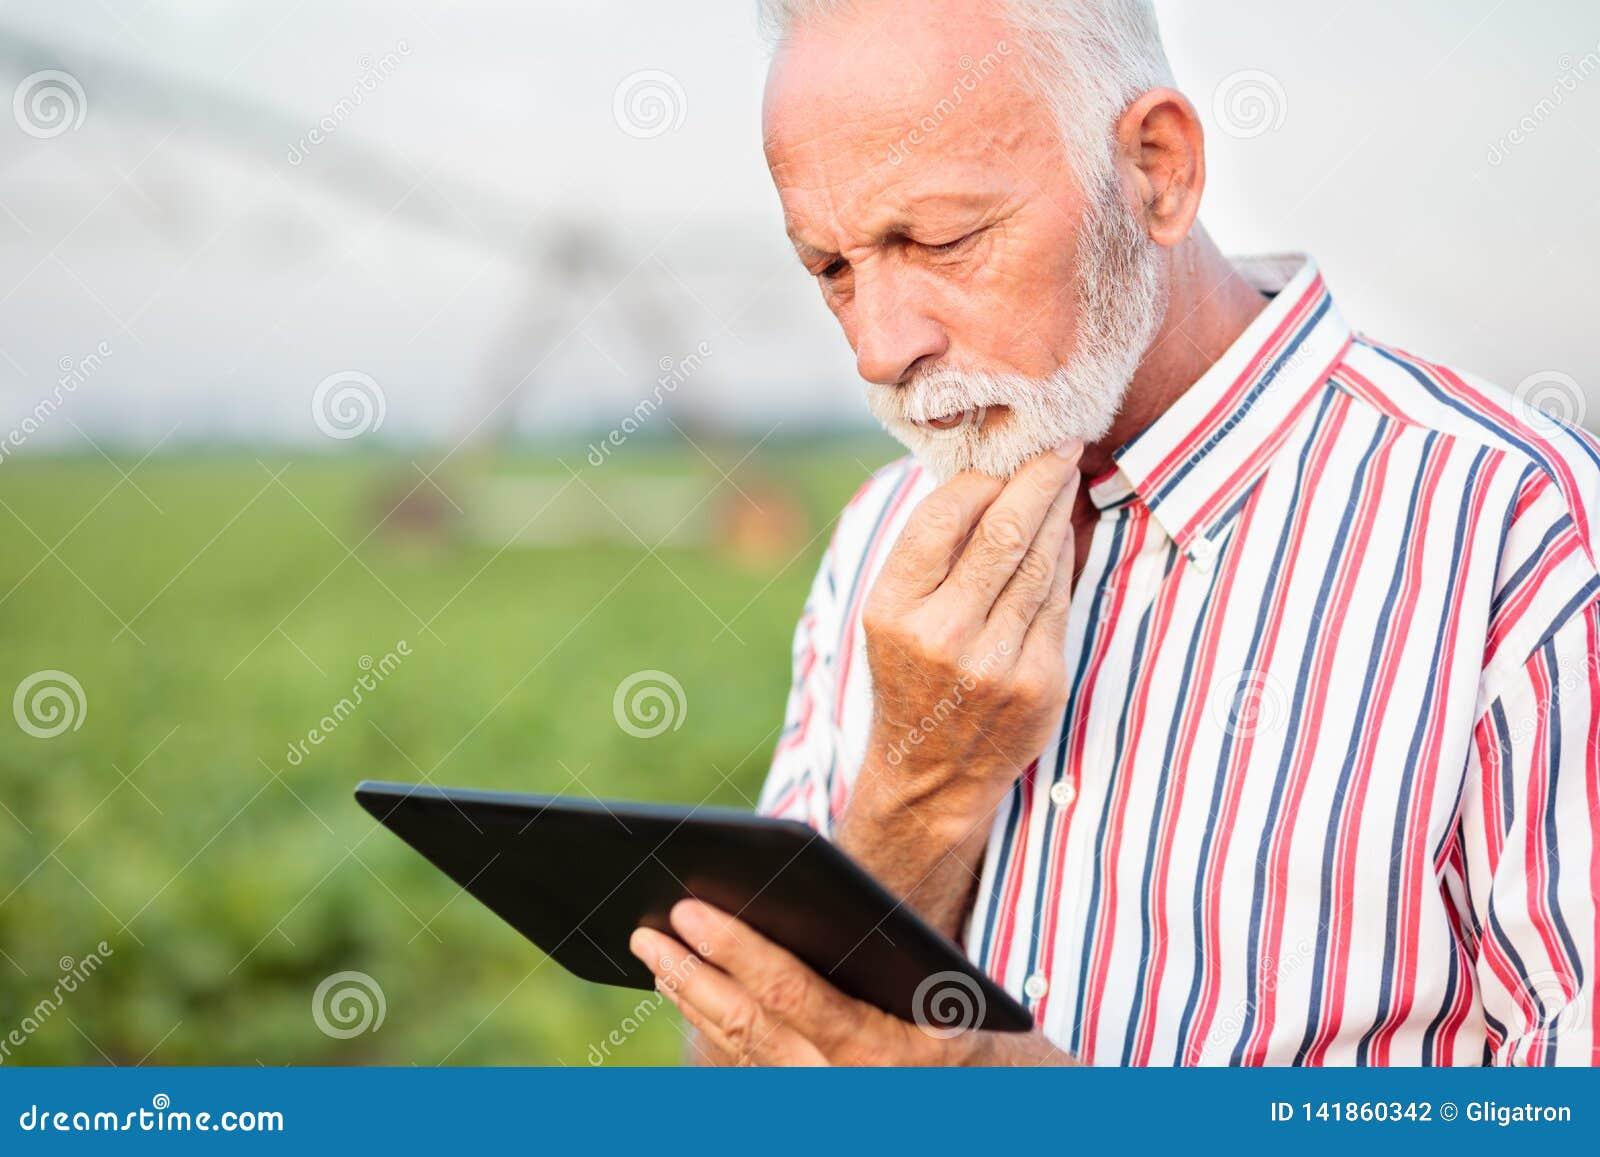 Agrônomo ou fazendeiro superior sério que contemplam o quando usando uma tabuleta no campo do feijão de soja Sistema de irrigação